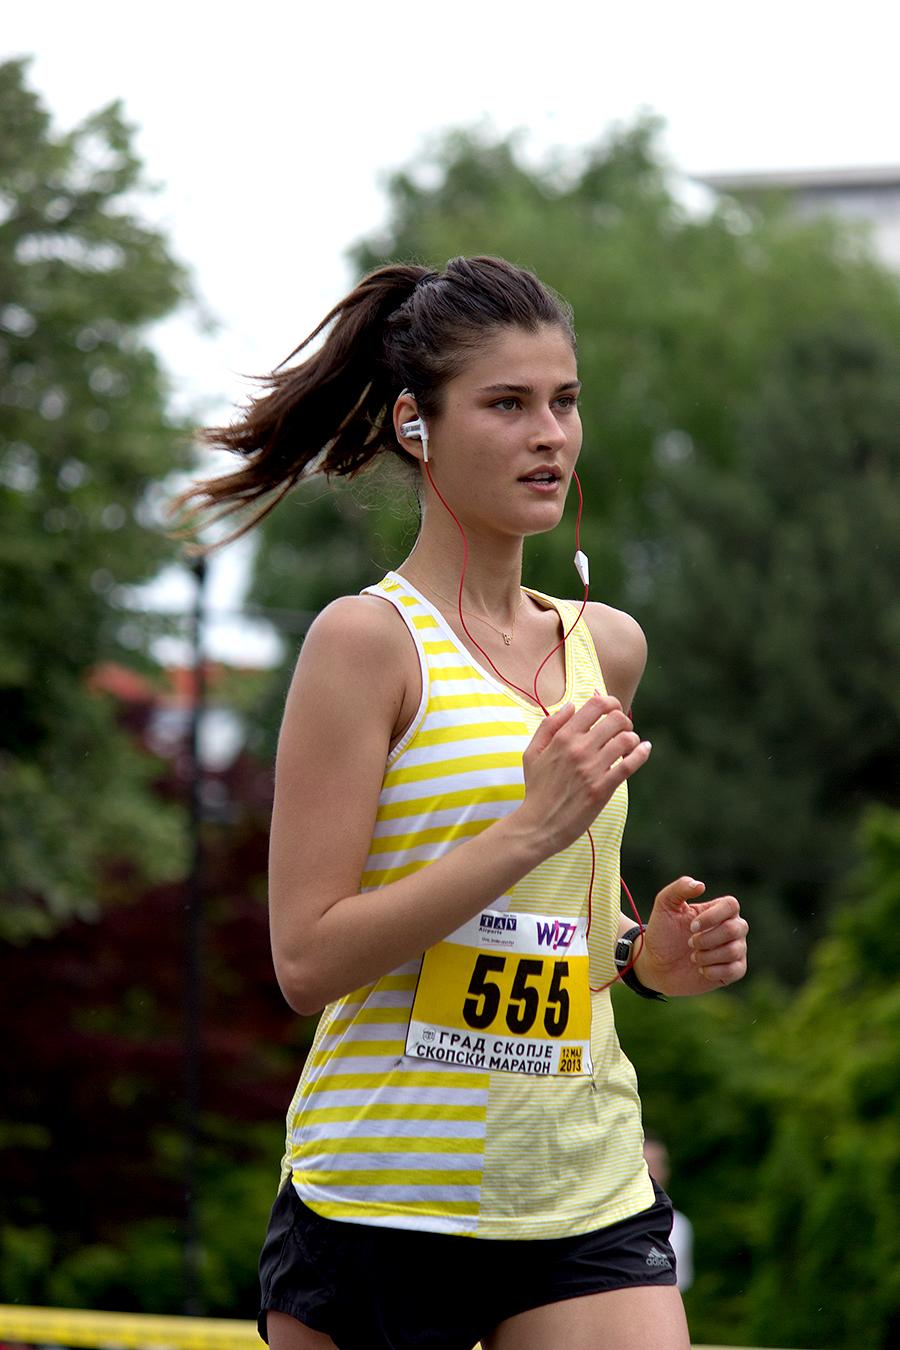 de4f587b9 Odzież do biegania - jak wybrać odpowiedni strój?